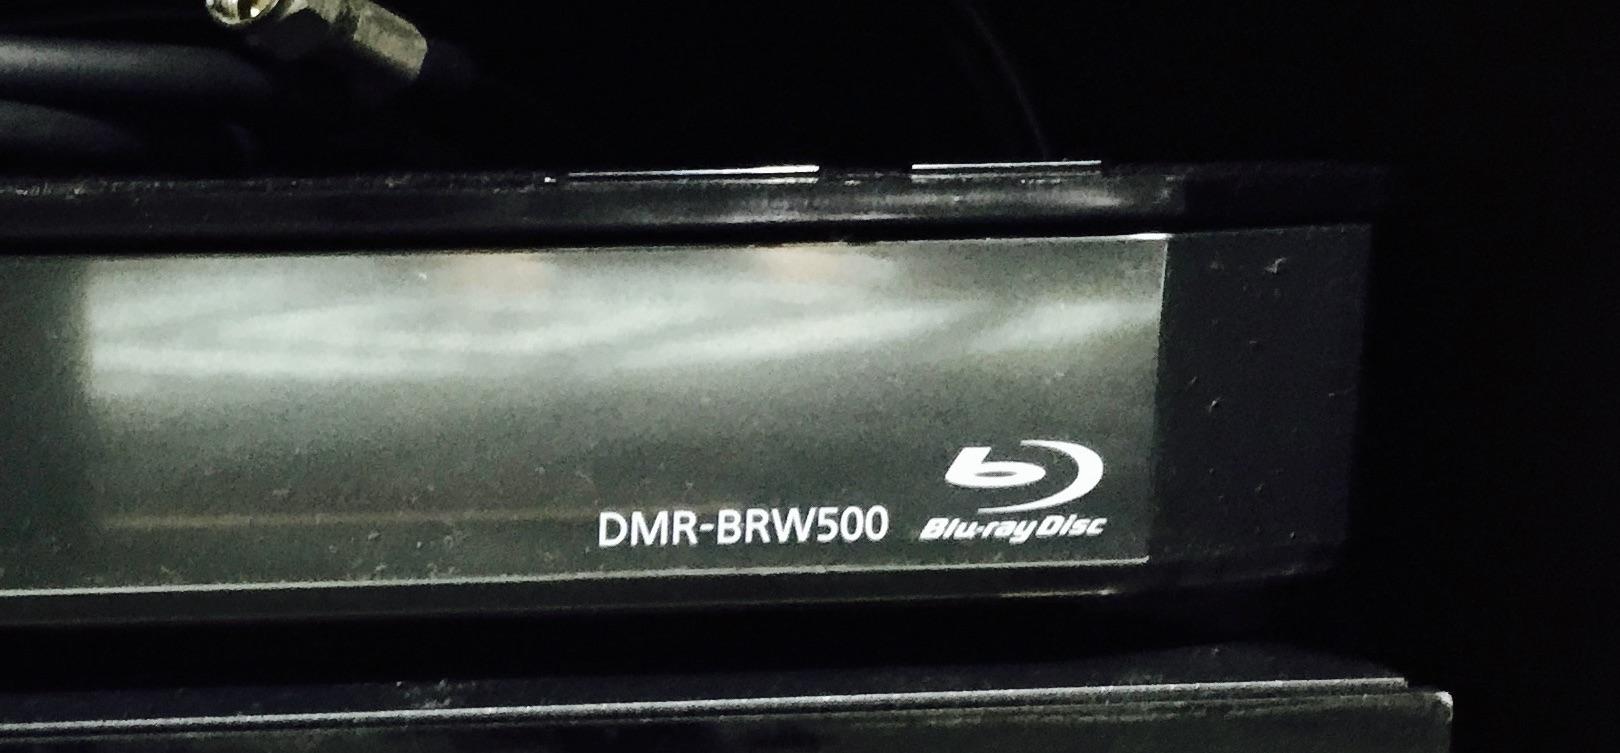 DMR-BRW500 01